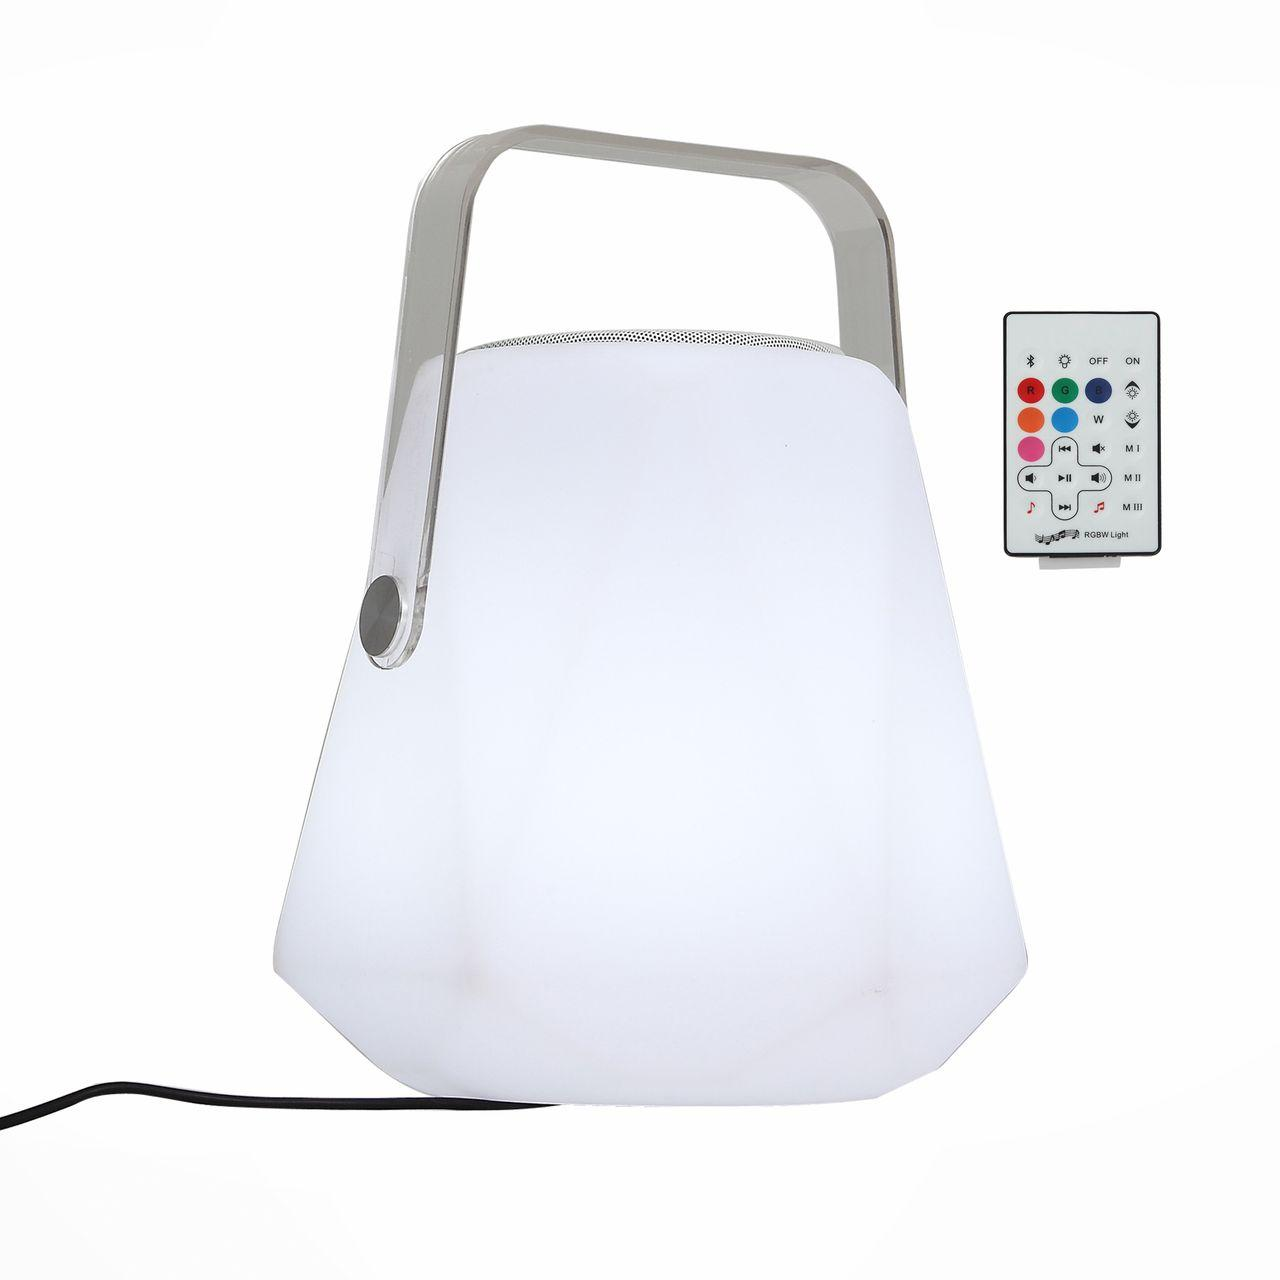 Купить со скидкой Настольная лампа с пультом ду st Luce Melodia